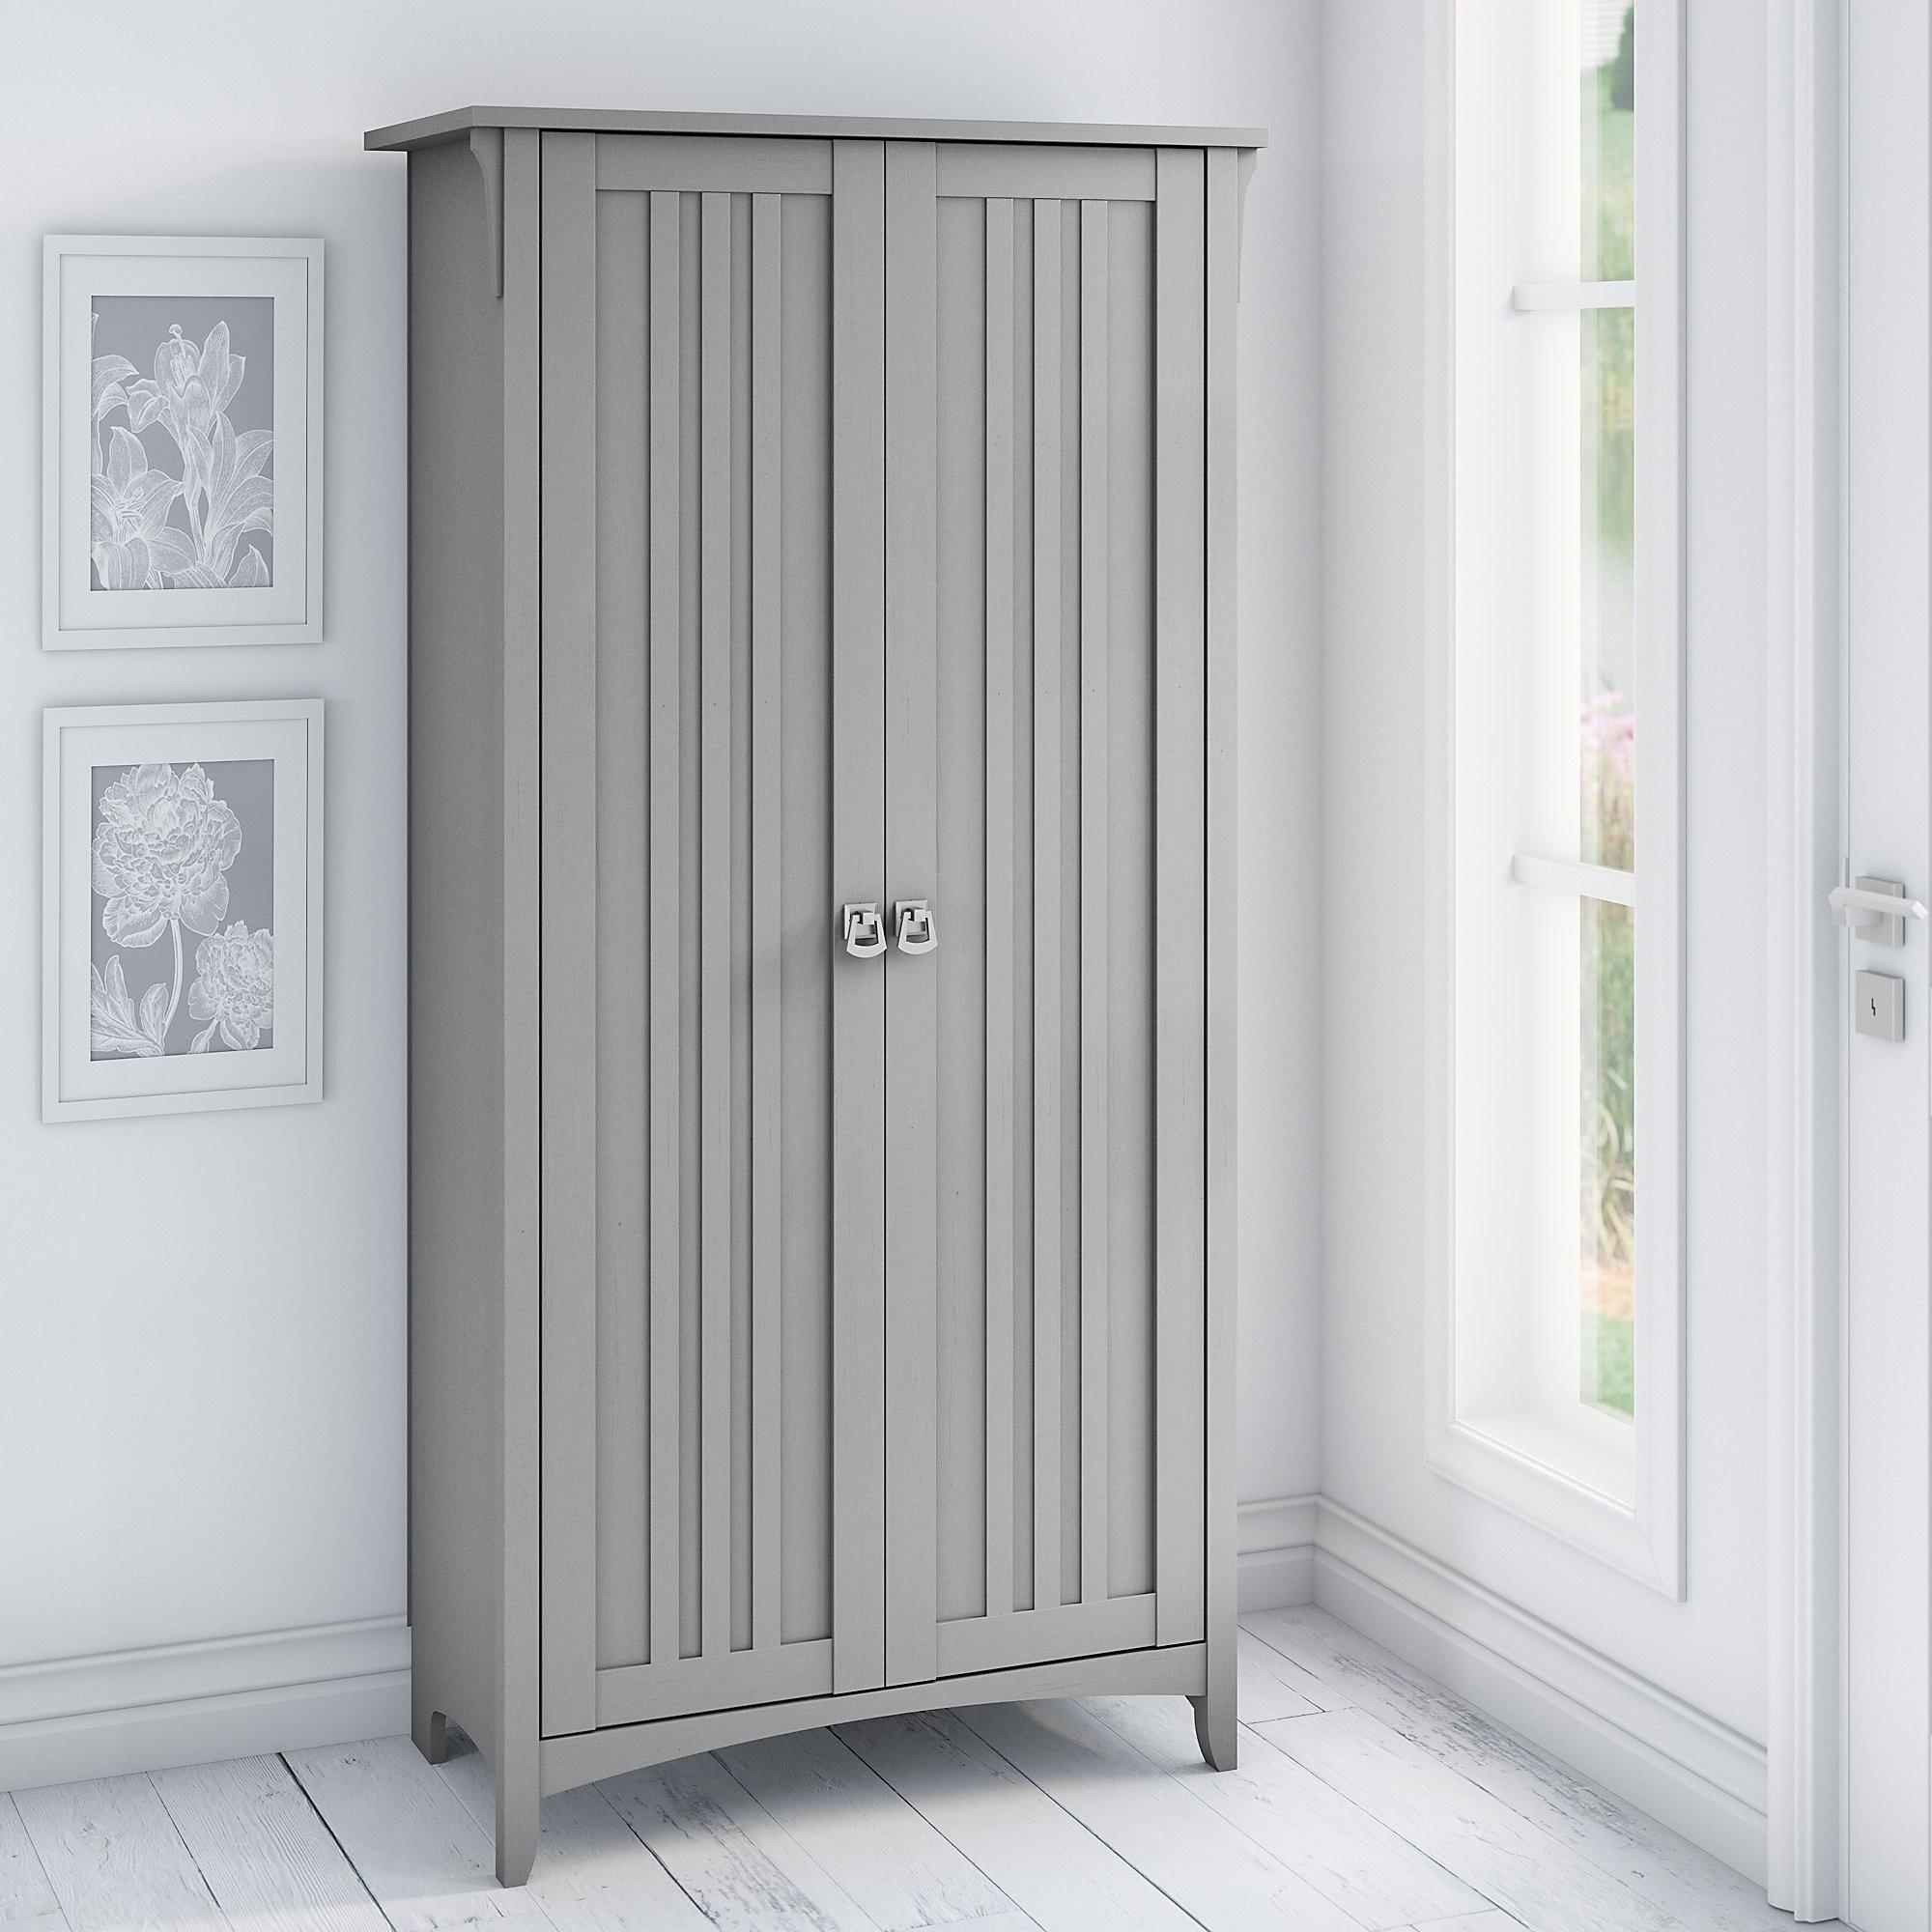 Picture of: The Gray Barn Lowbridge Tall 2 Door Storage Cabinet Overstock 29205582